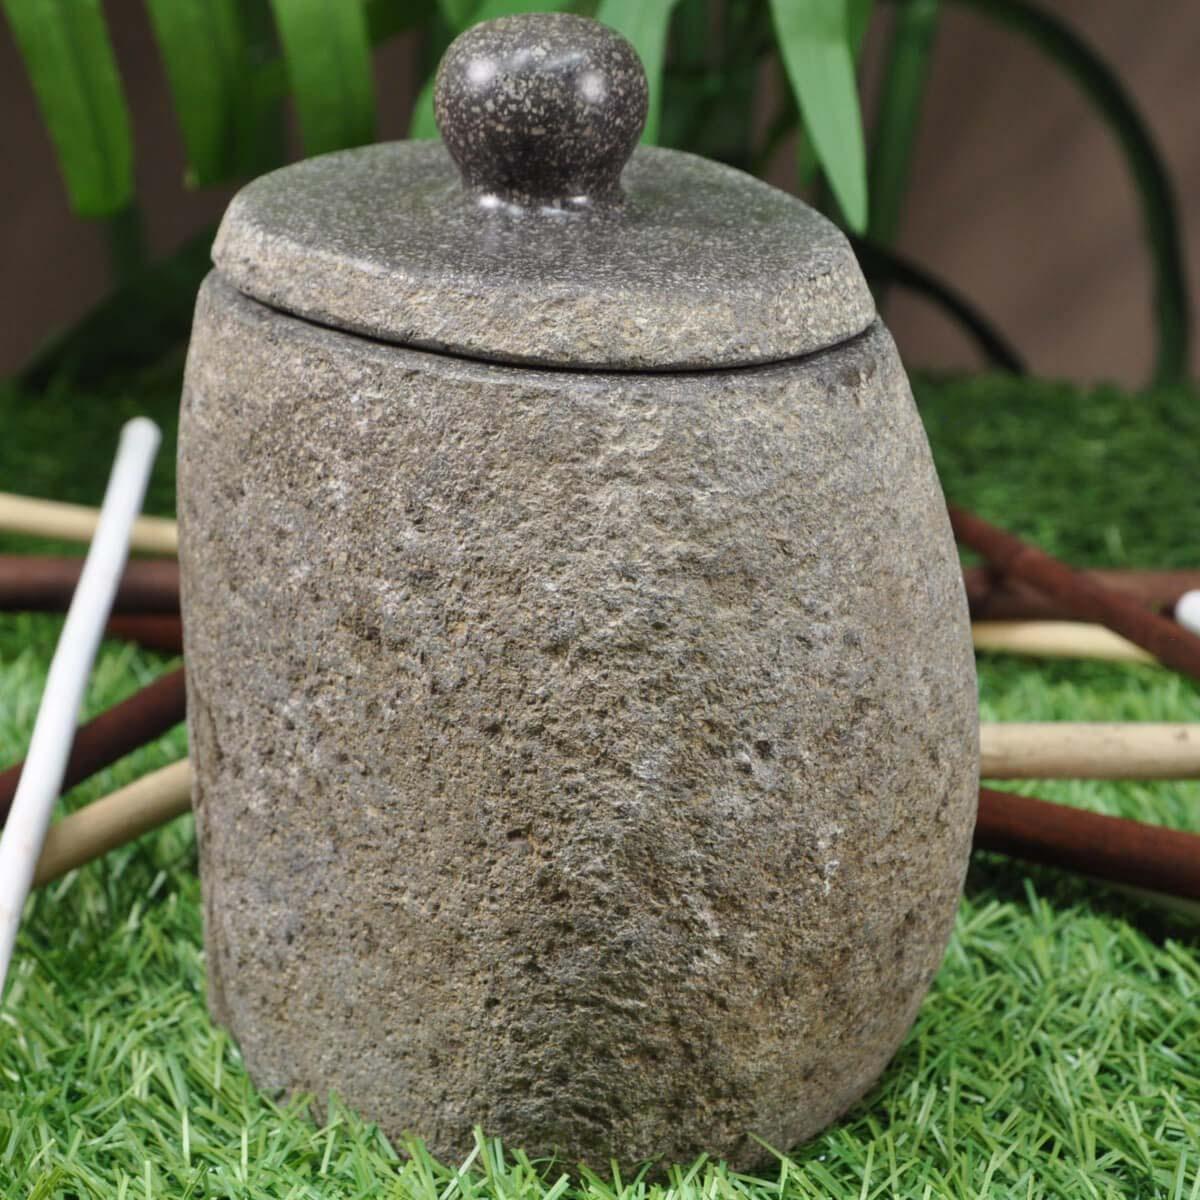 Gobelet de salle de bain gobelet en pierre naturelle galet de rivi re naturel d 10 cm - Galet de riviere ...